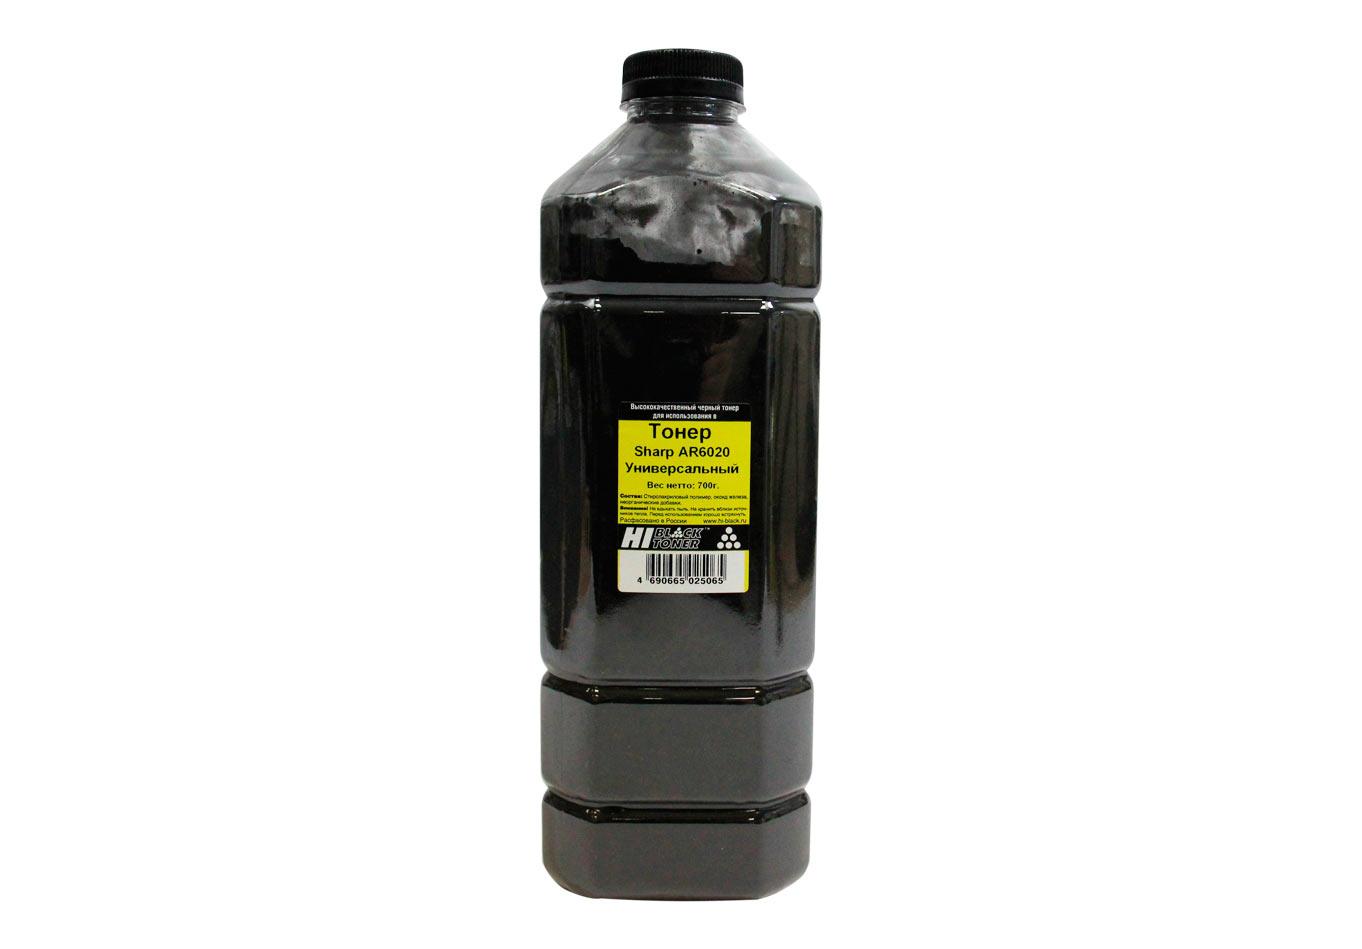 Тонер Hi-Black Универсальный для Sharp AR-6020, Bk, 700 г, канистра